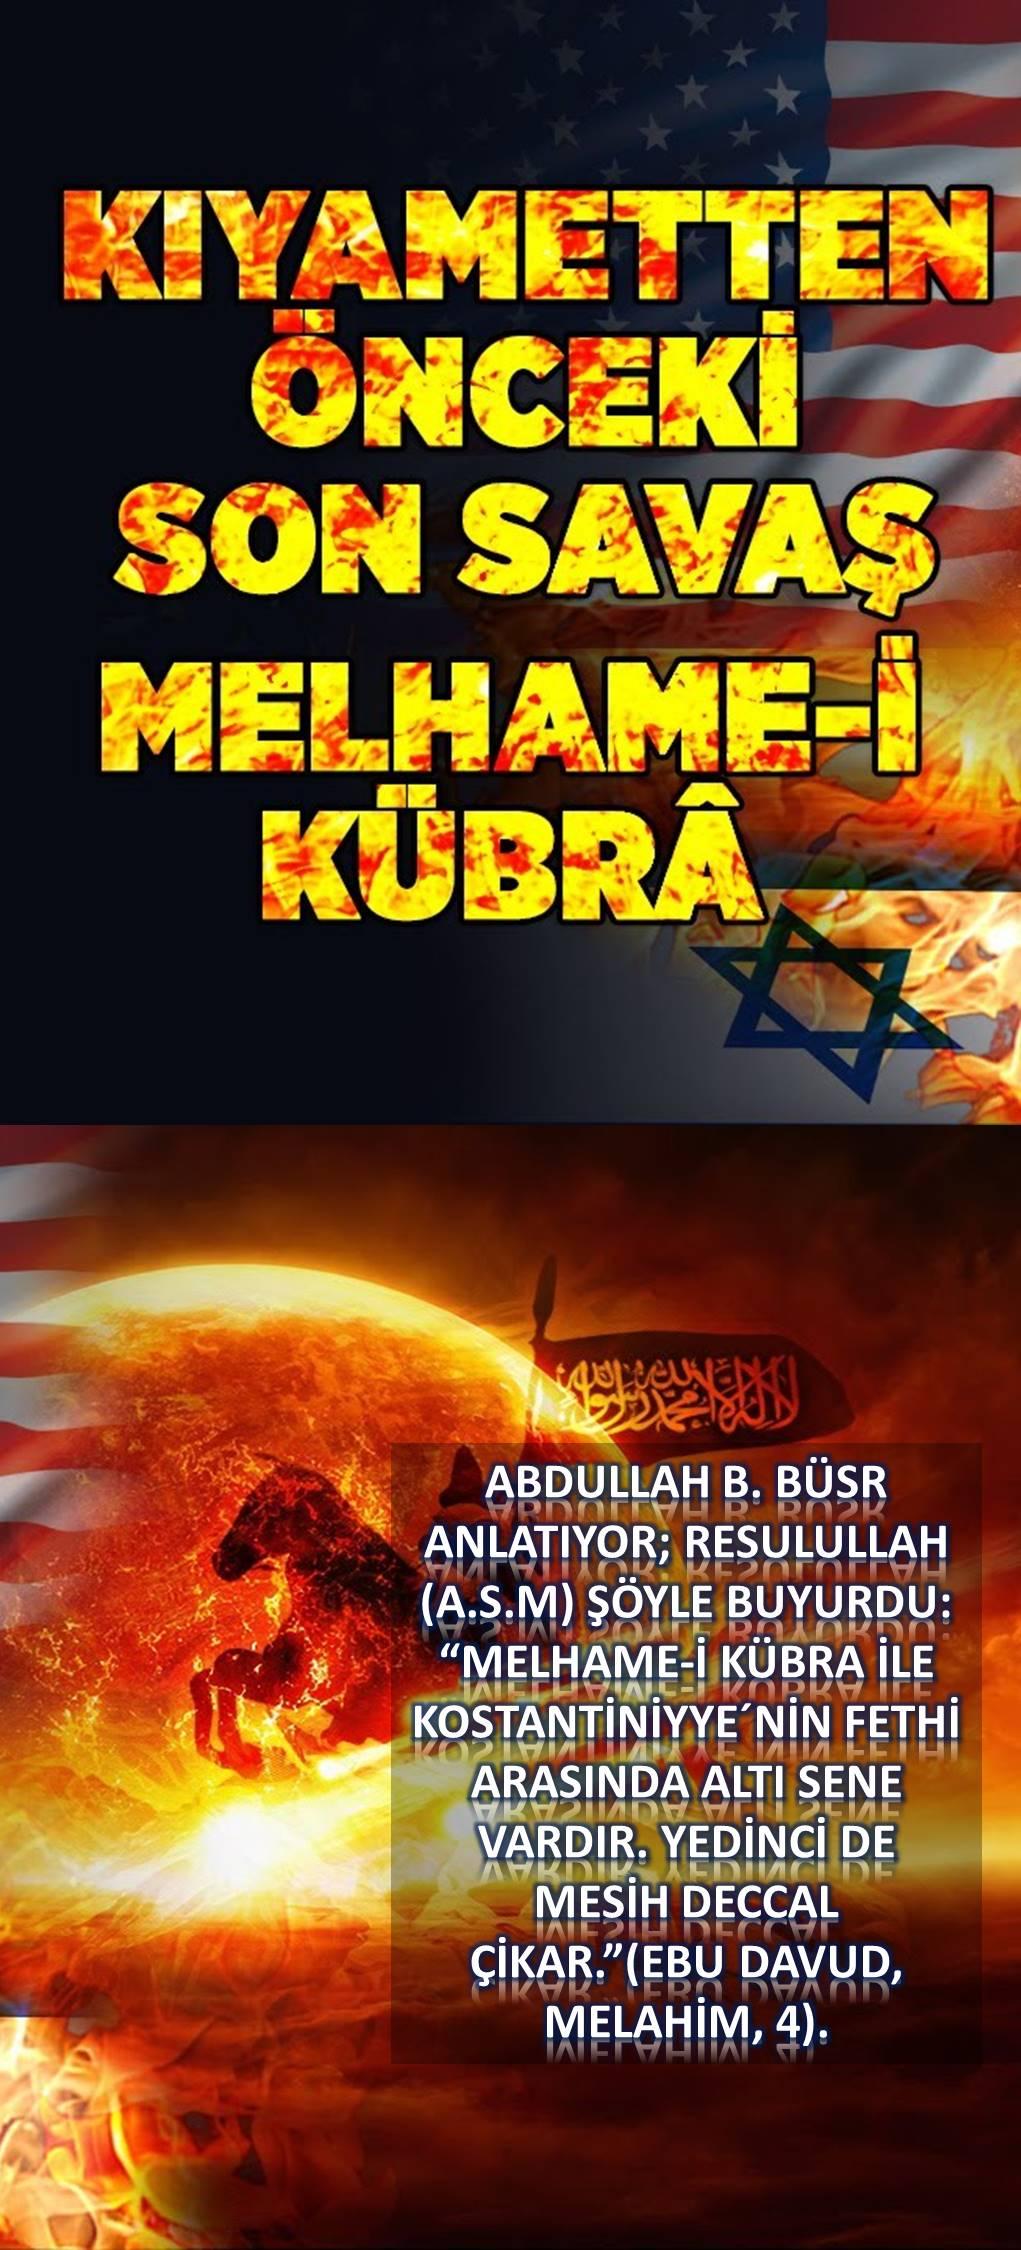 Hadislerde geçen Melhame-i Kübra hakkında bilgi verir misiniz?